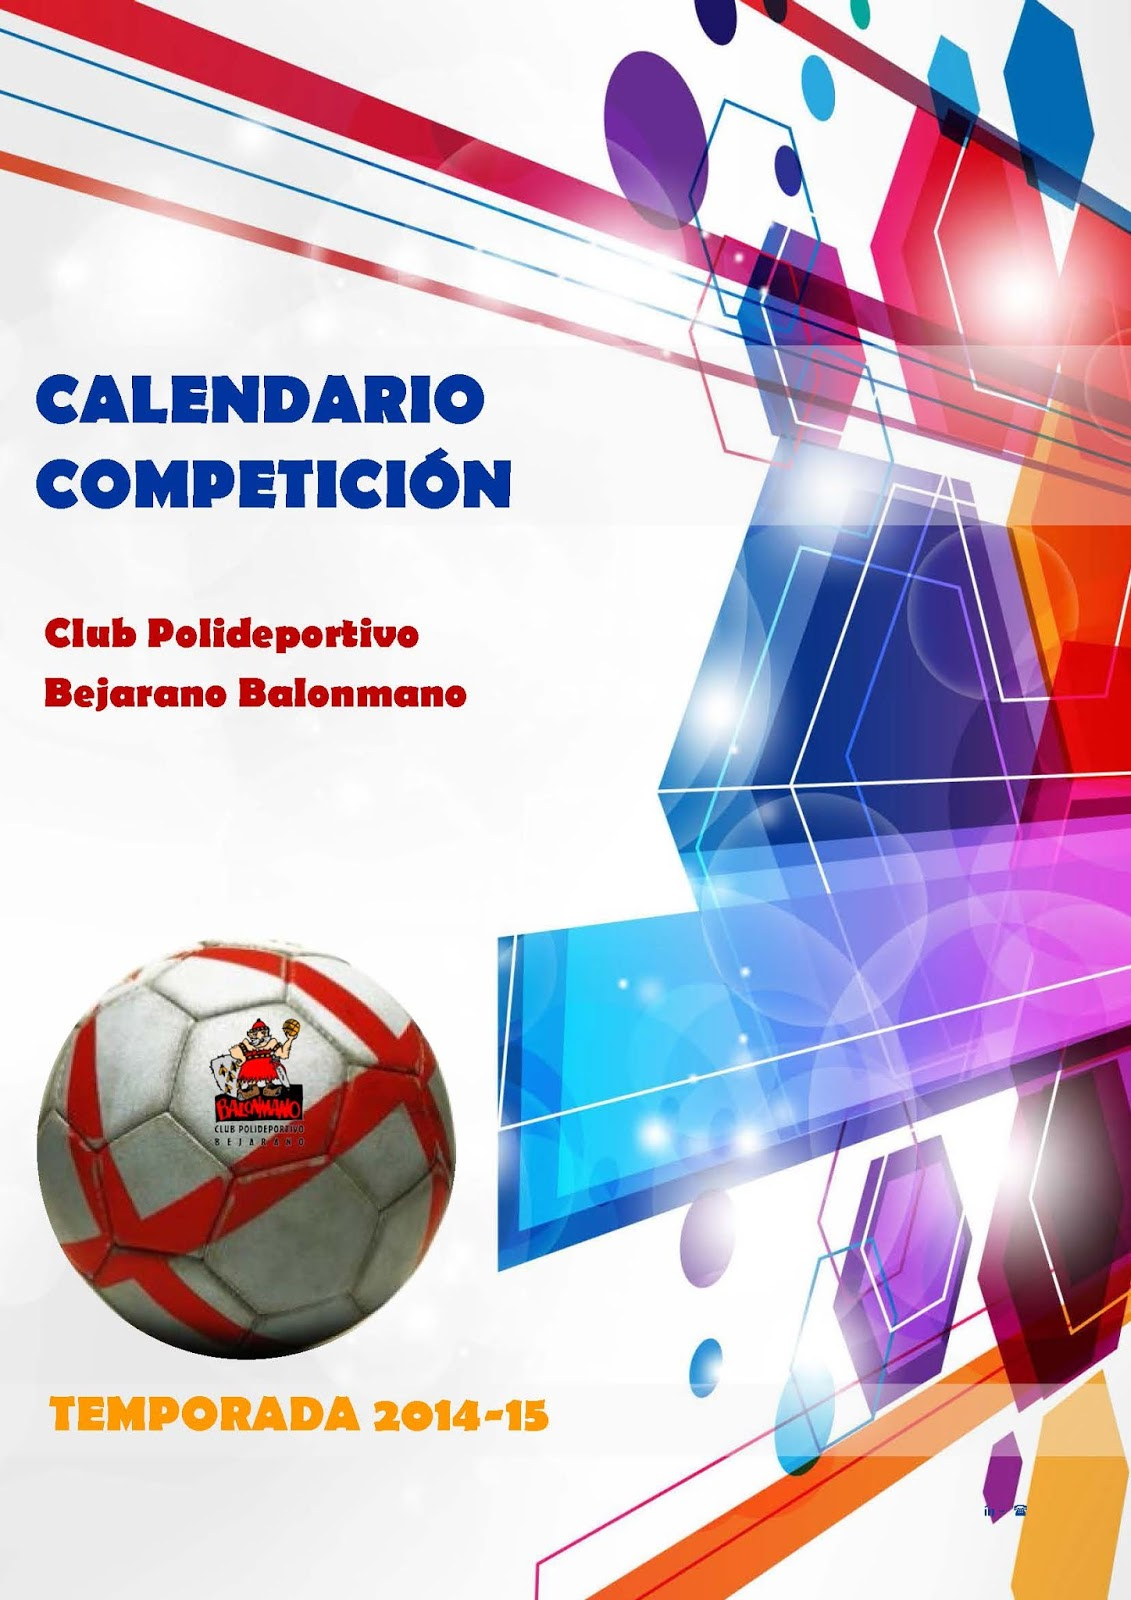 cartel anunciador del calendario de club